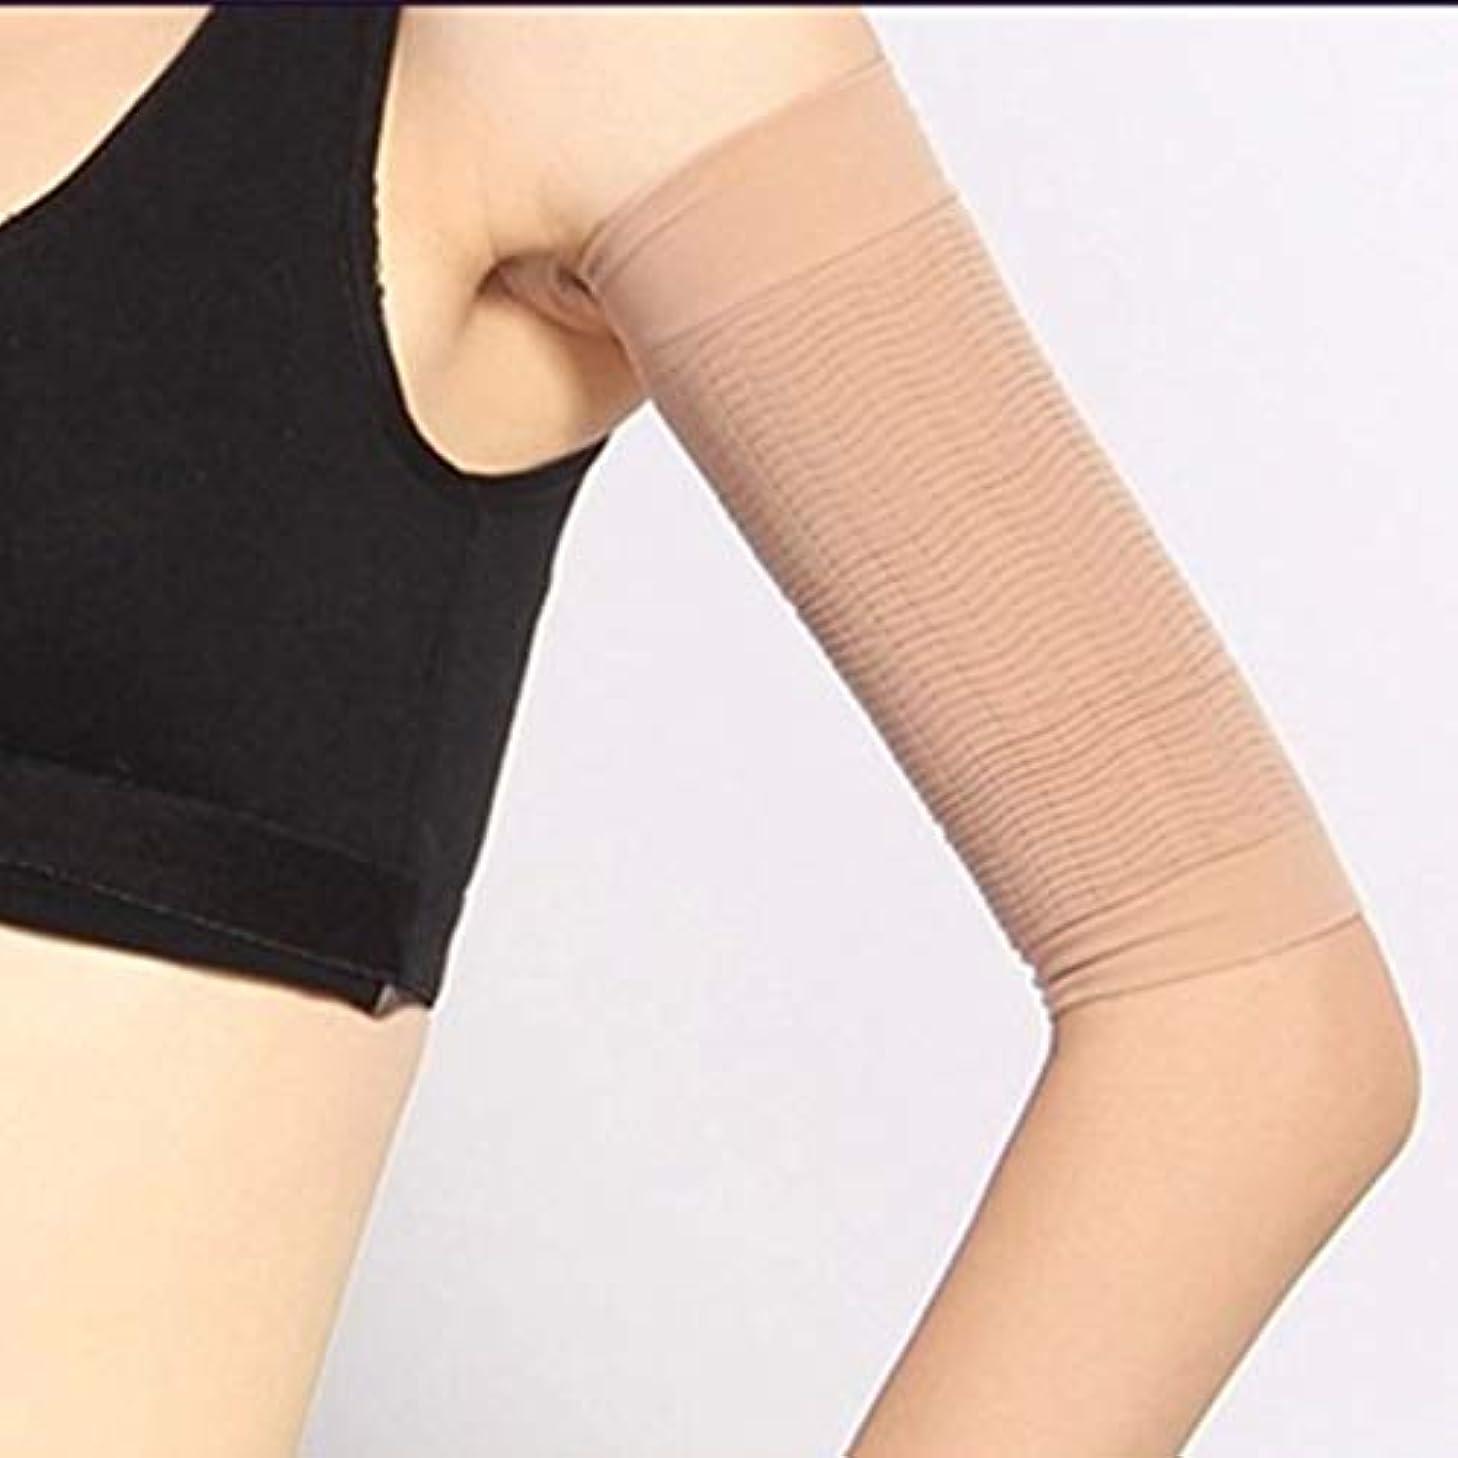 人工的な矢杭1ペア420 D圧縮痩身アームスリーブワークアウトトーニングバーンセルライトシェイパー脂肪燃焼袖用女性 - 肌色